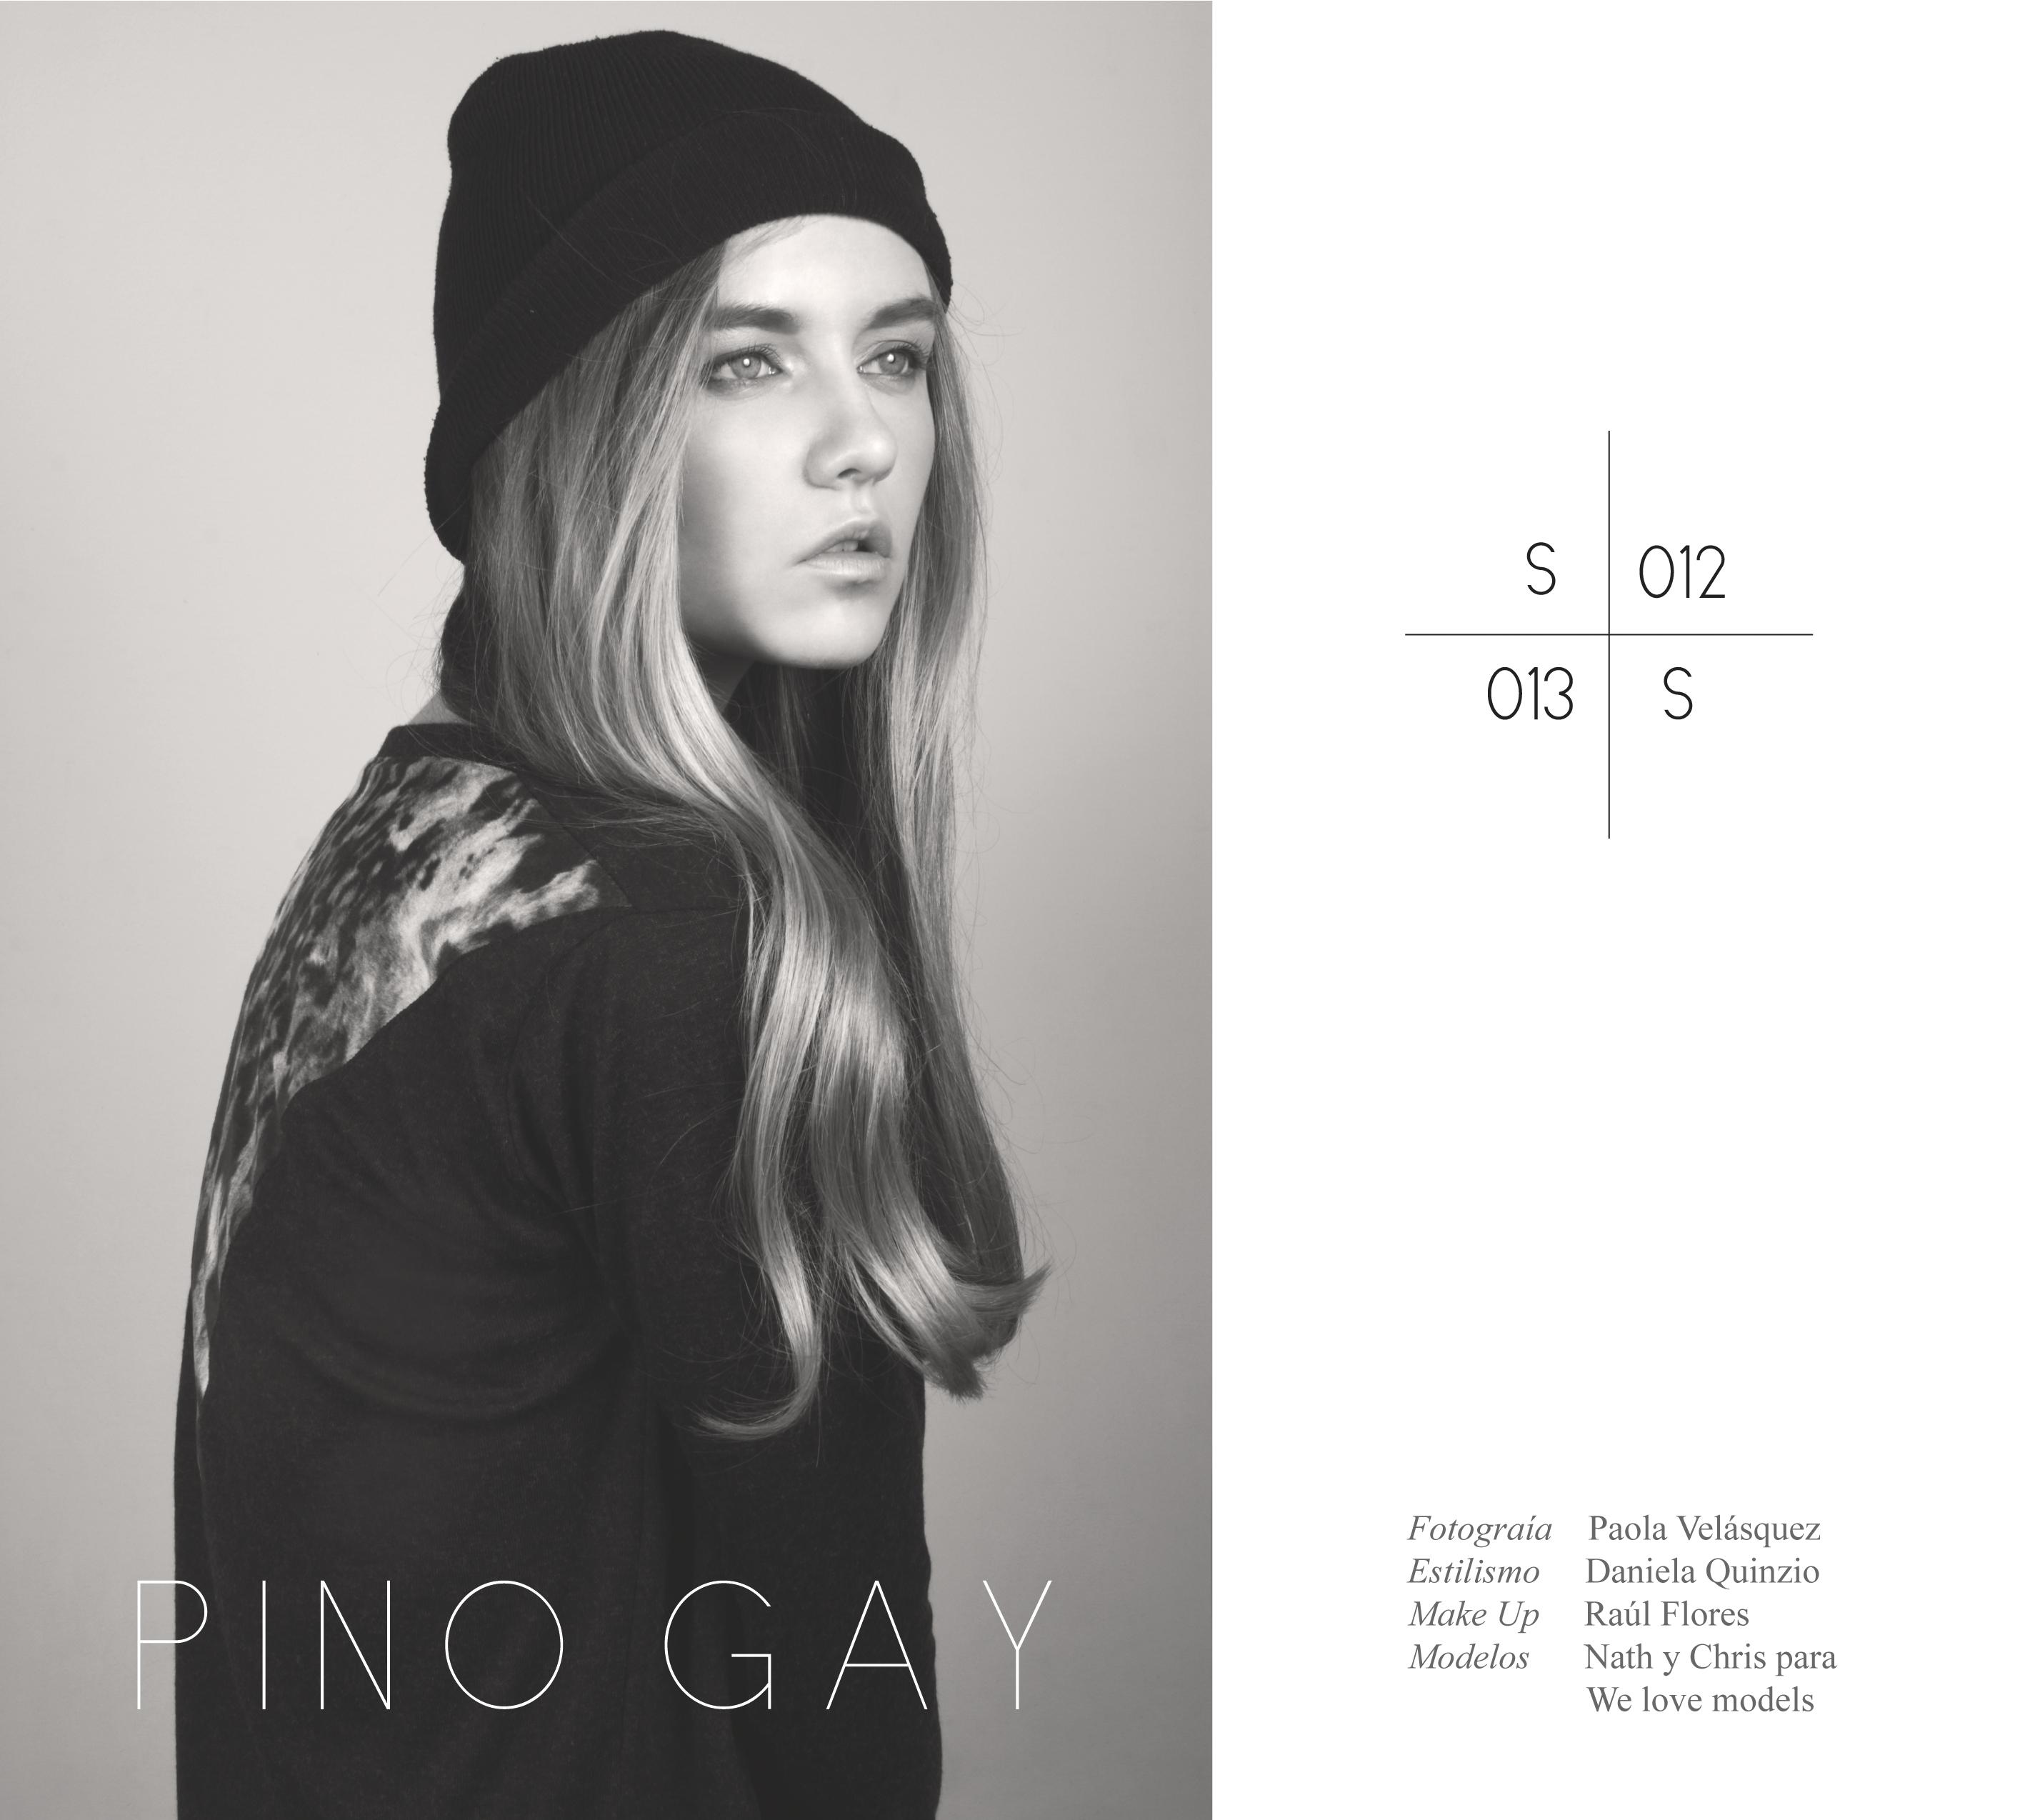 El nuevo lookbook de PinoGay primavera 2012